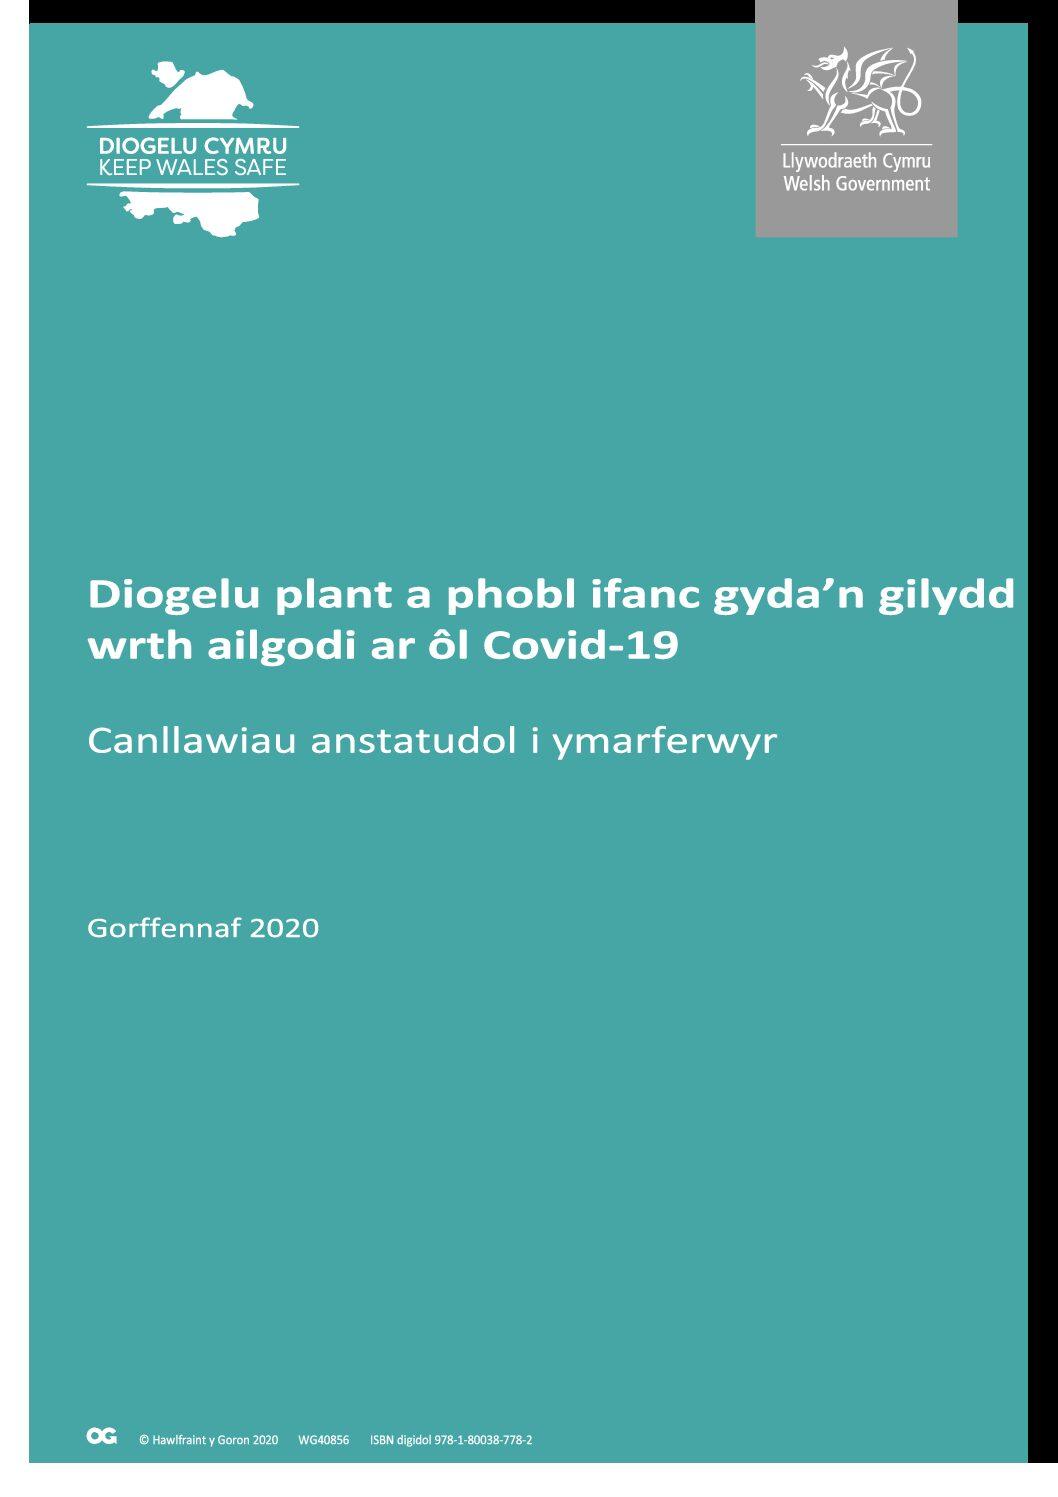 Canllaw anstatudol i ymarferwr – Canllawiau diogelu ar gyfer ymarferwyr sy'n gweithio gyda phlant